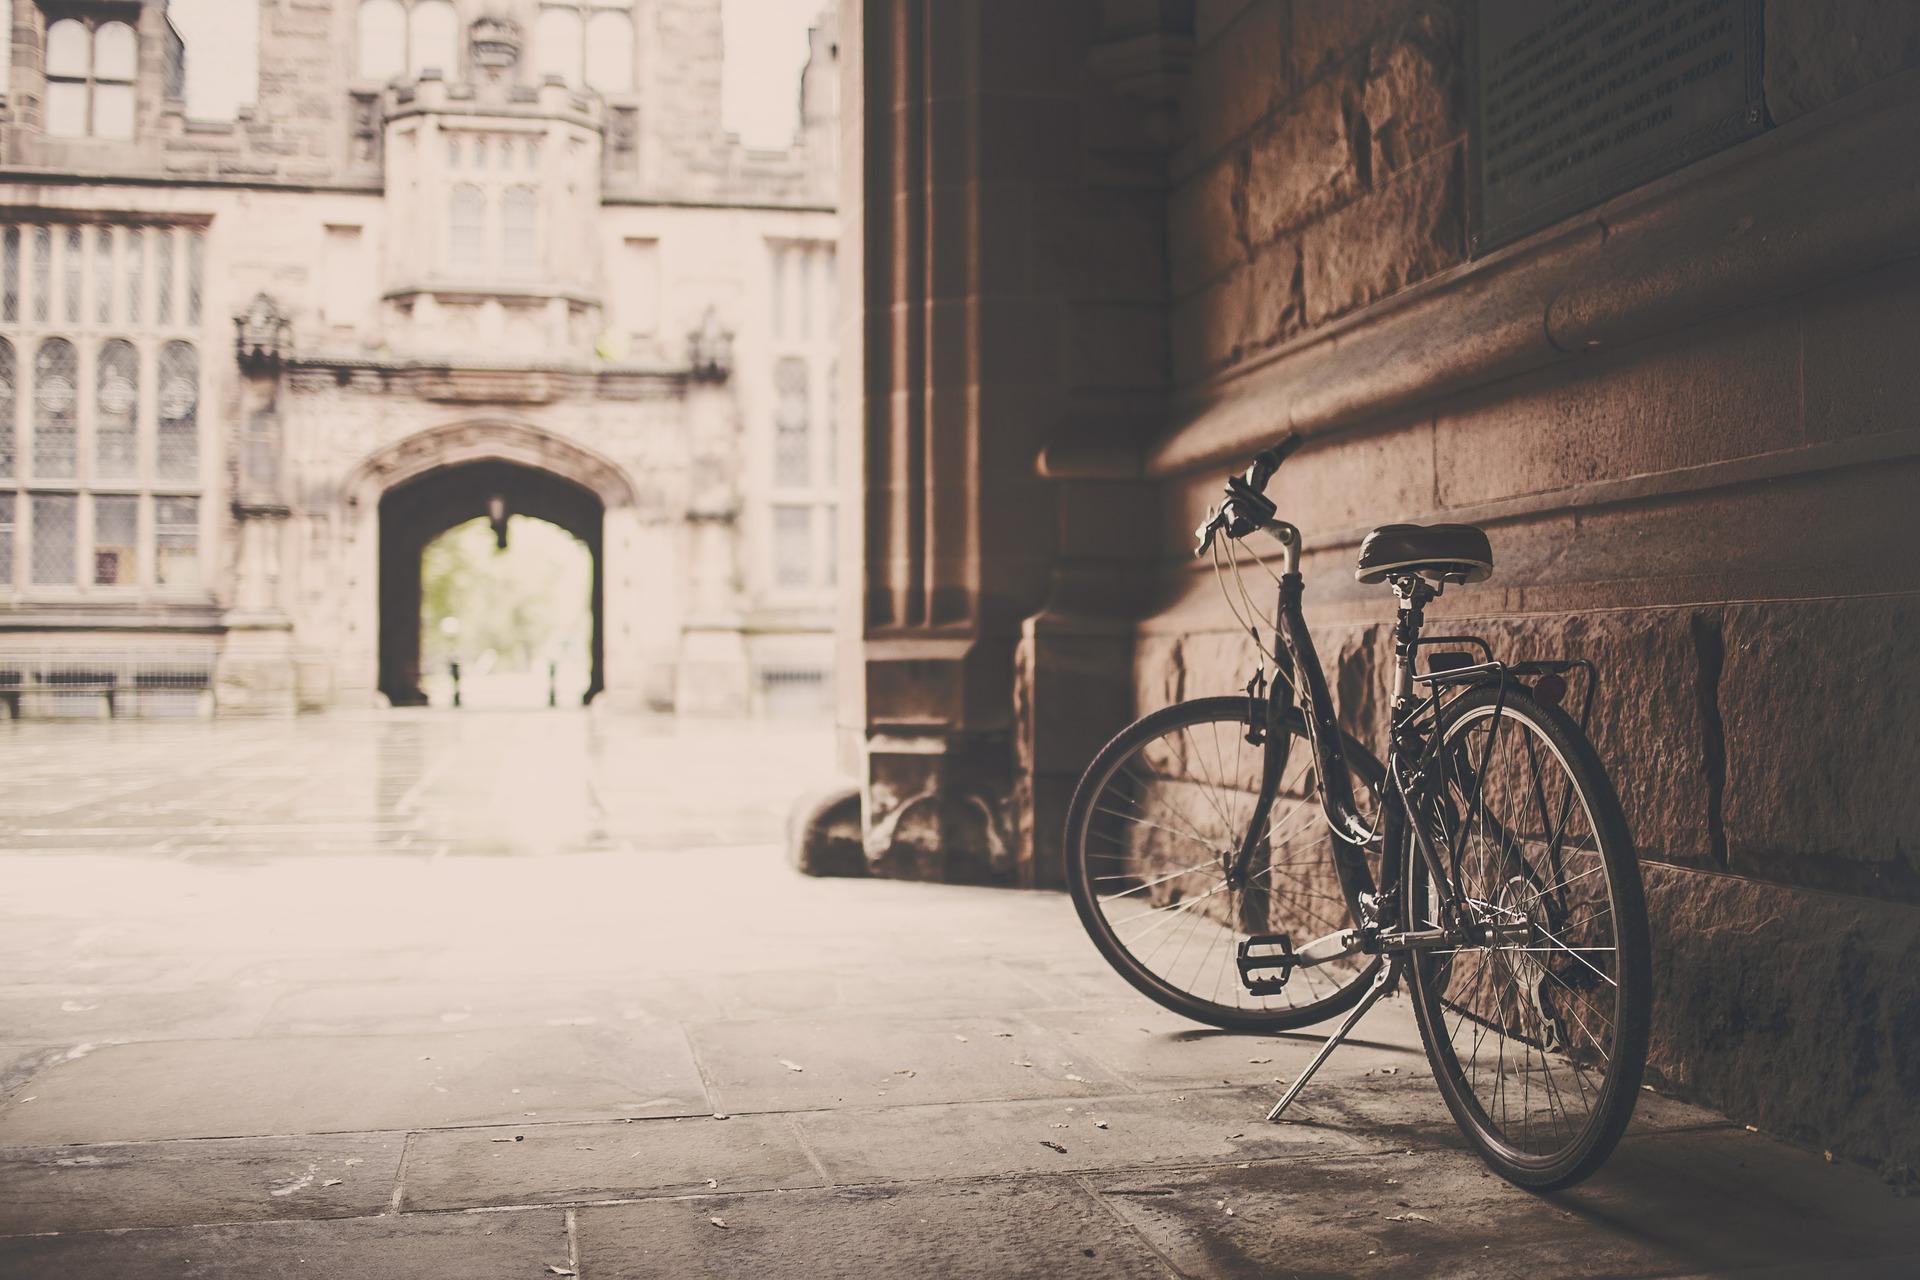 Cycle at Rentomo